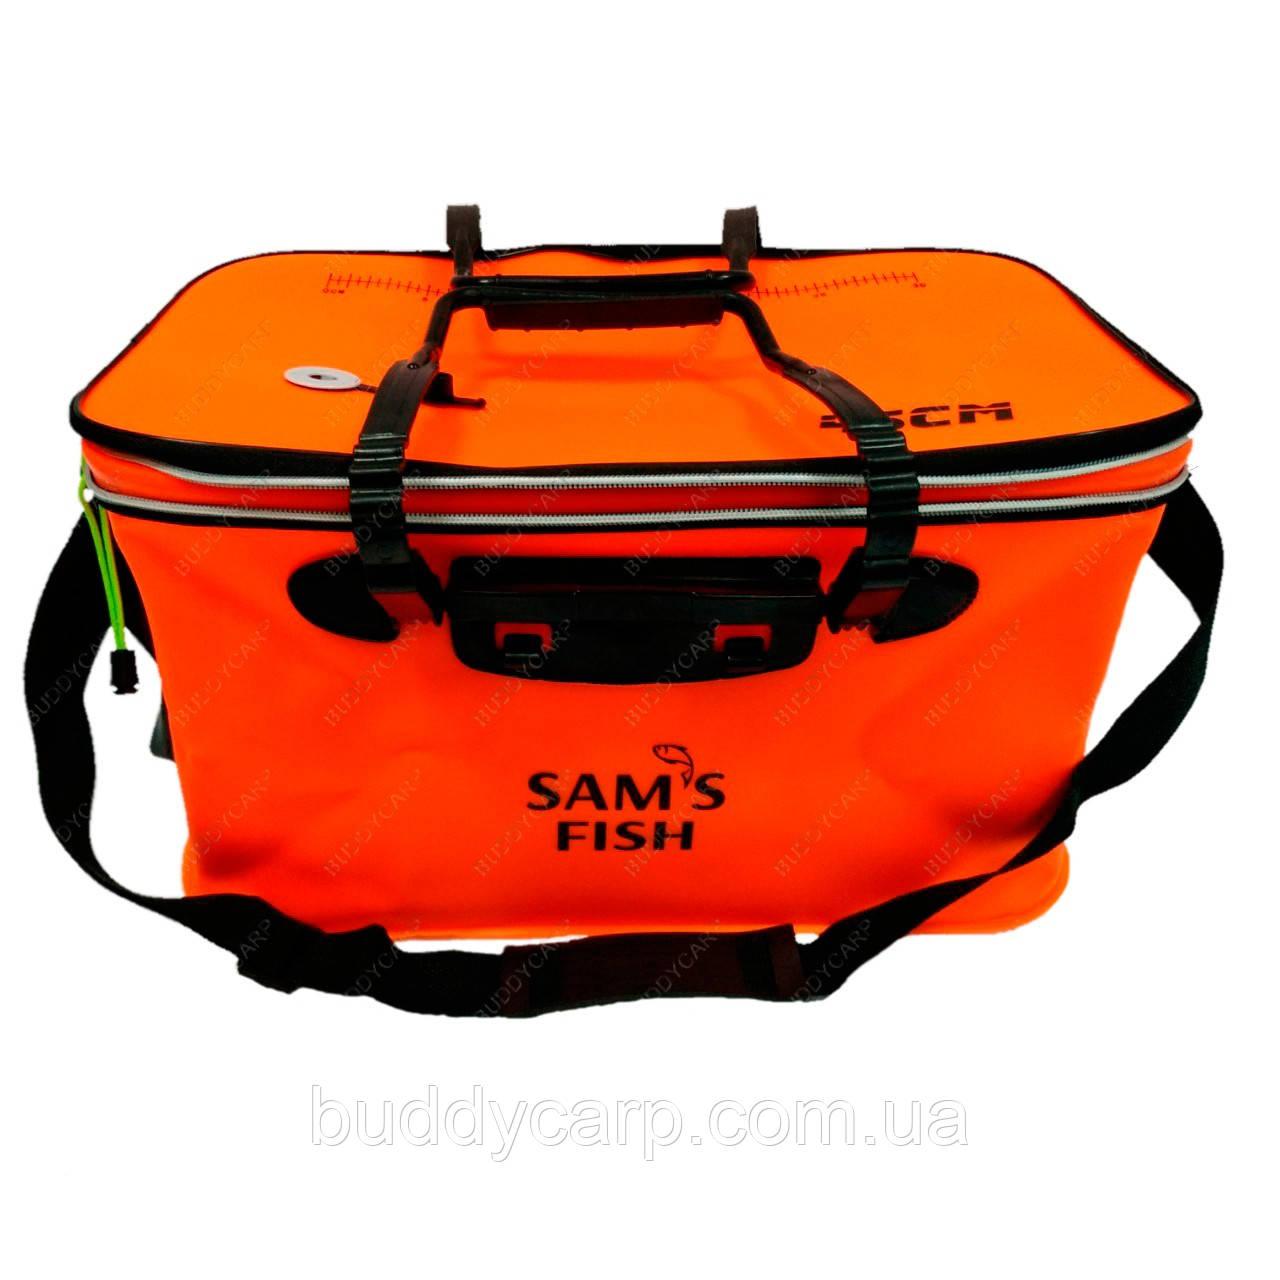 Сумка Sams Fish EVA для зберігання риби 45 см з кишенею